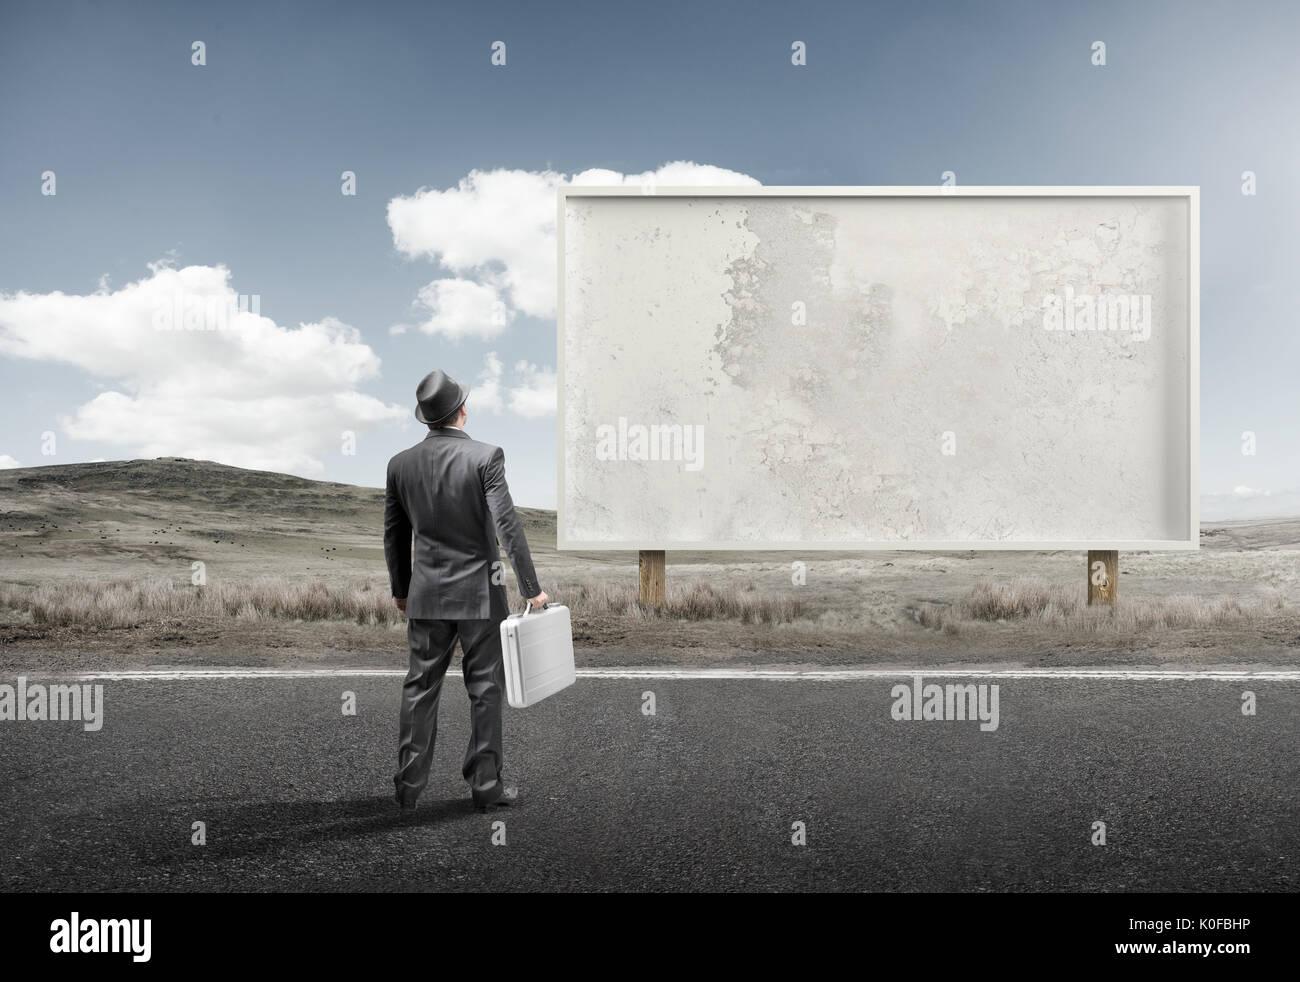 Un homme d'affaires et commandes devant un panneau d'affichage vierge. Photo Stock